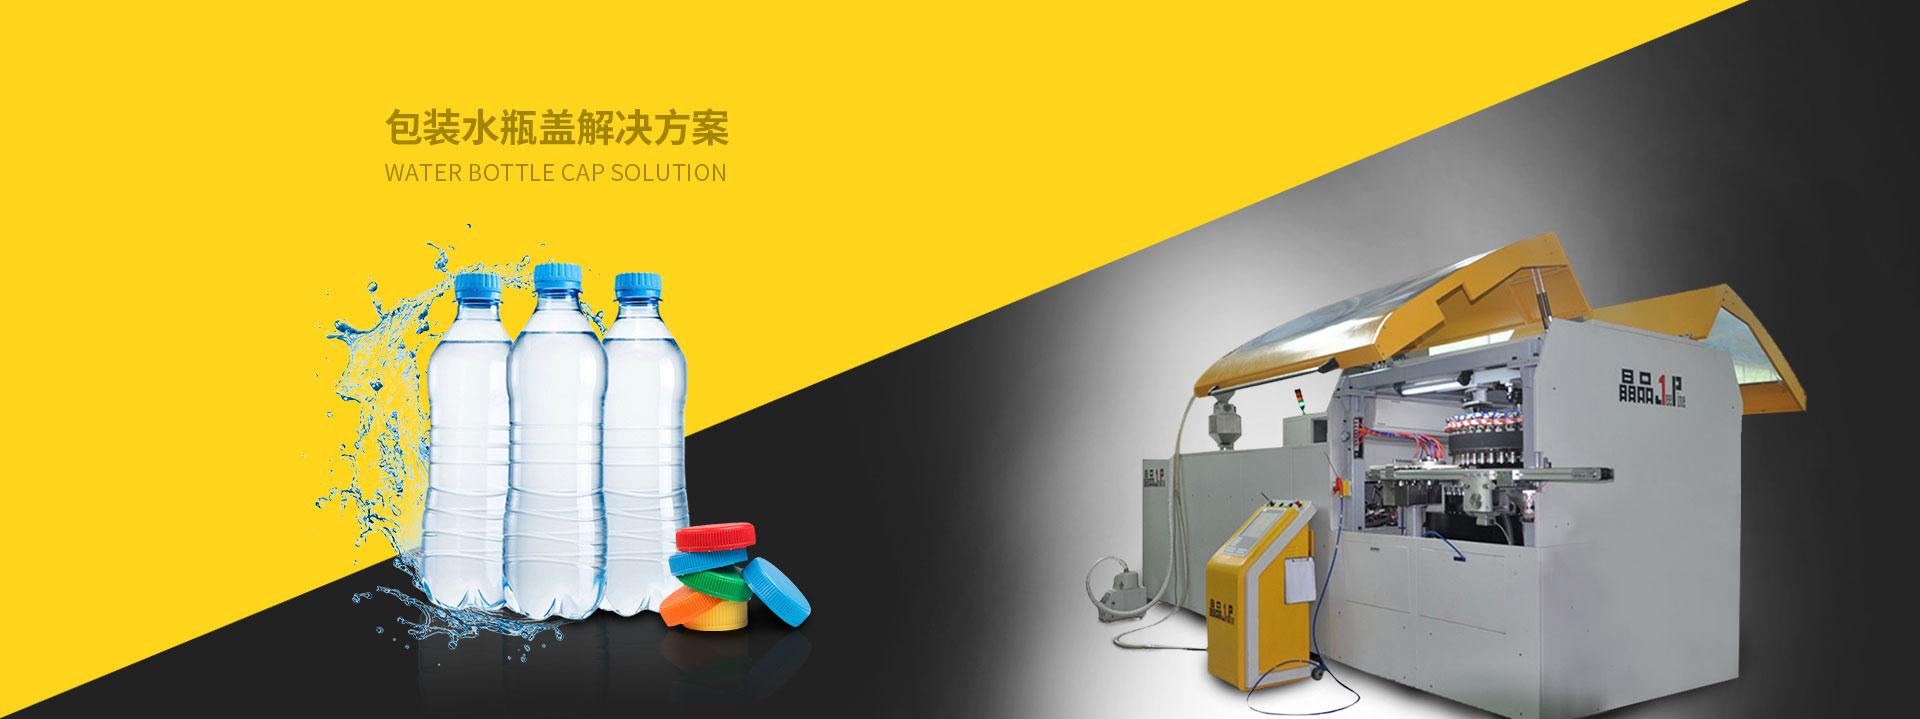 包装水瓶盖解决方案